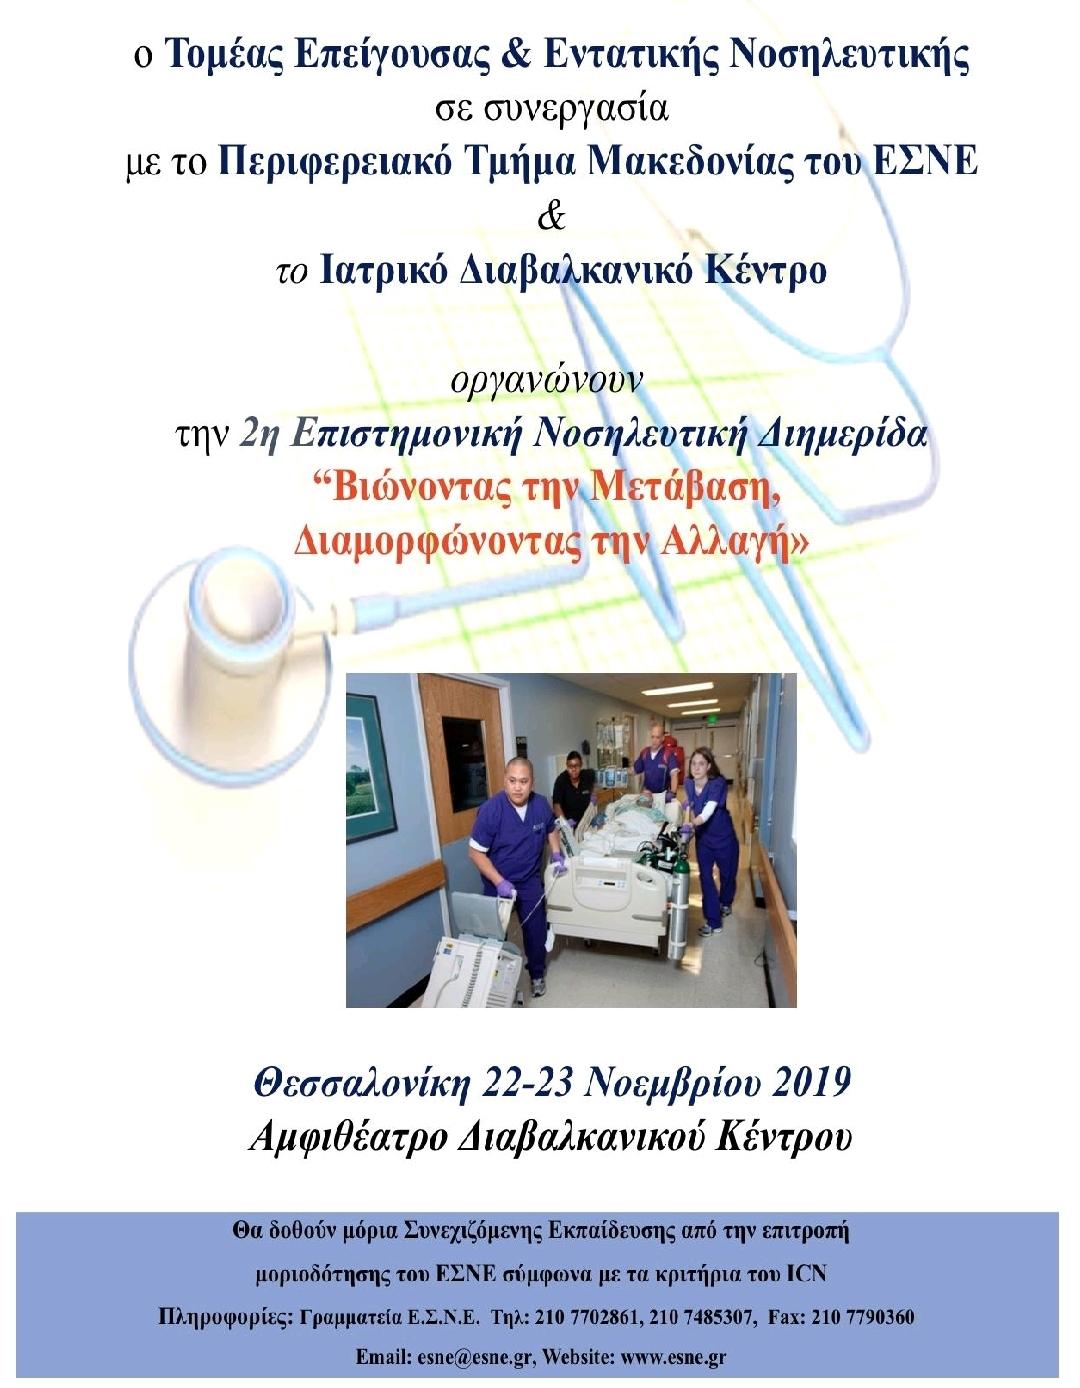 2η Επιστημονική Νοσηλευτική Διημερίδα